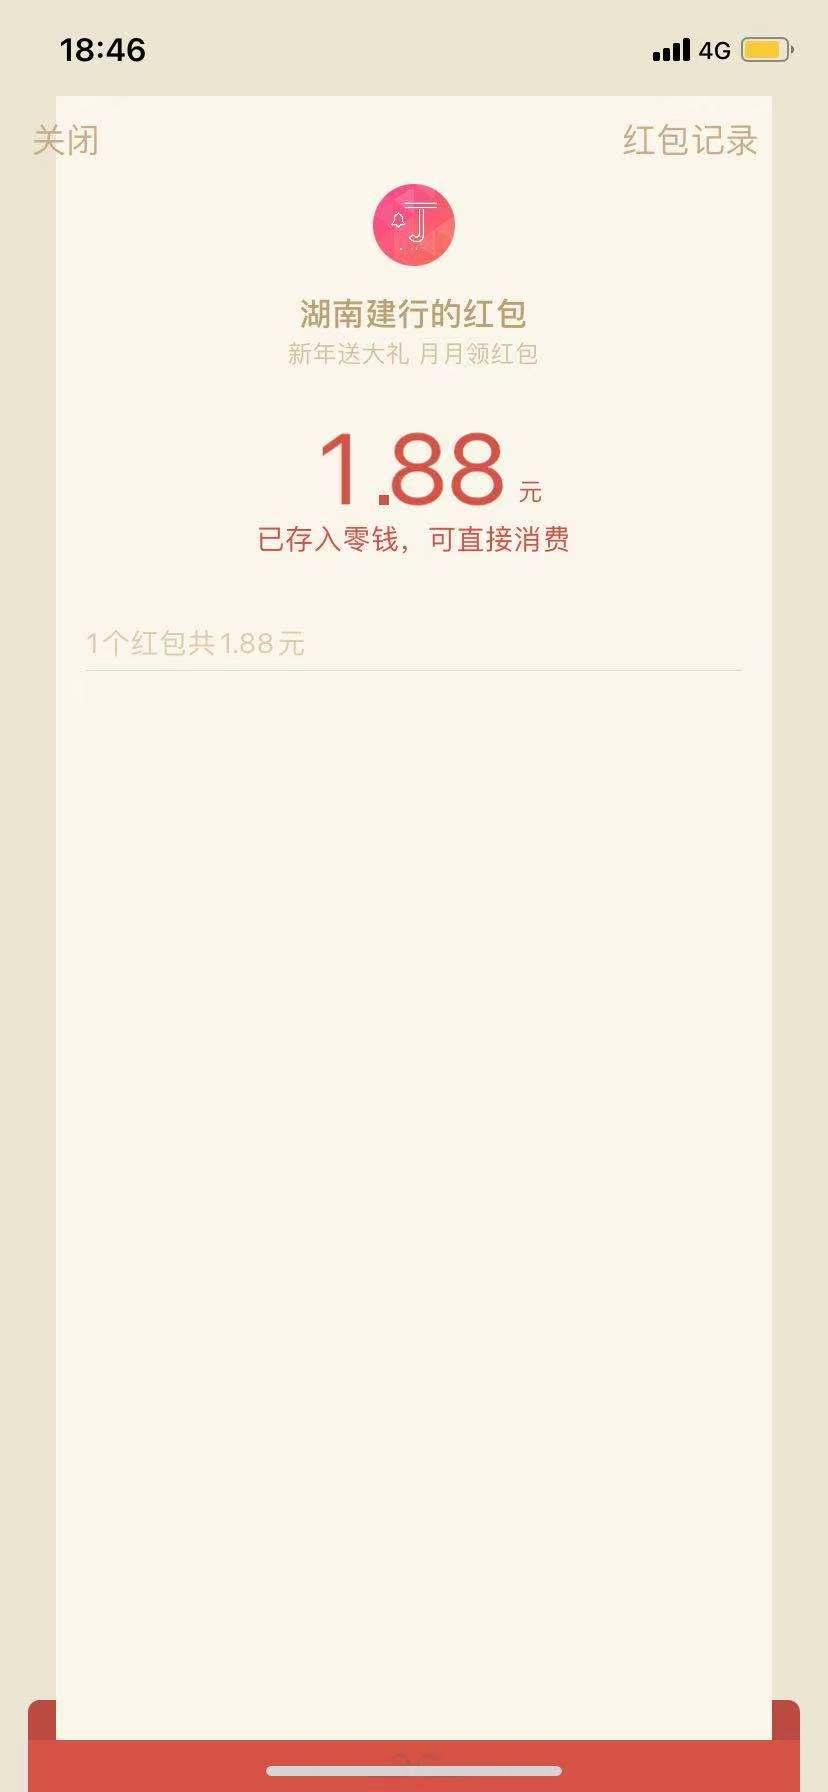 中国建设银行牛年送大礼必中wx红包